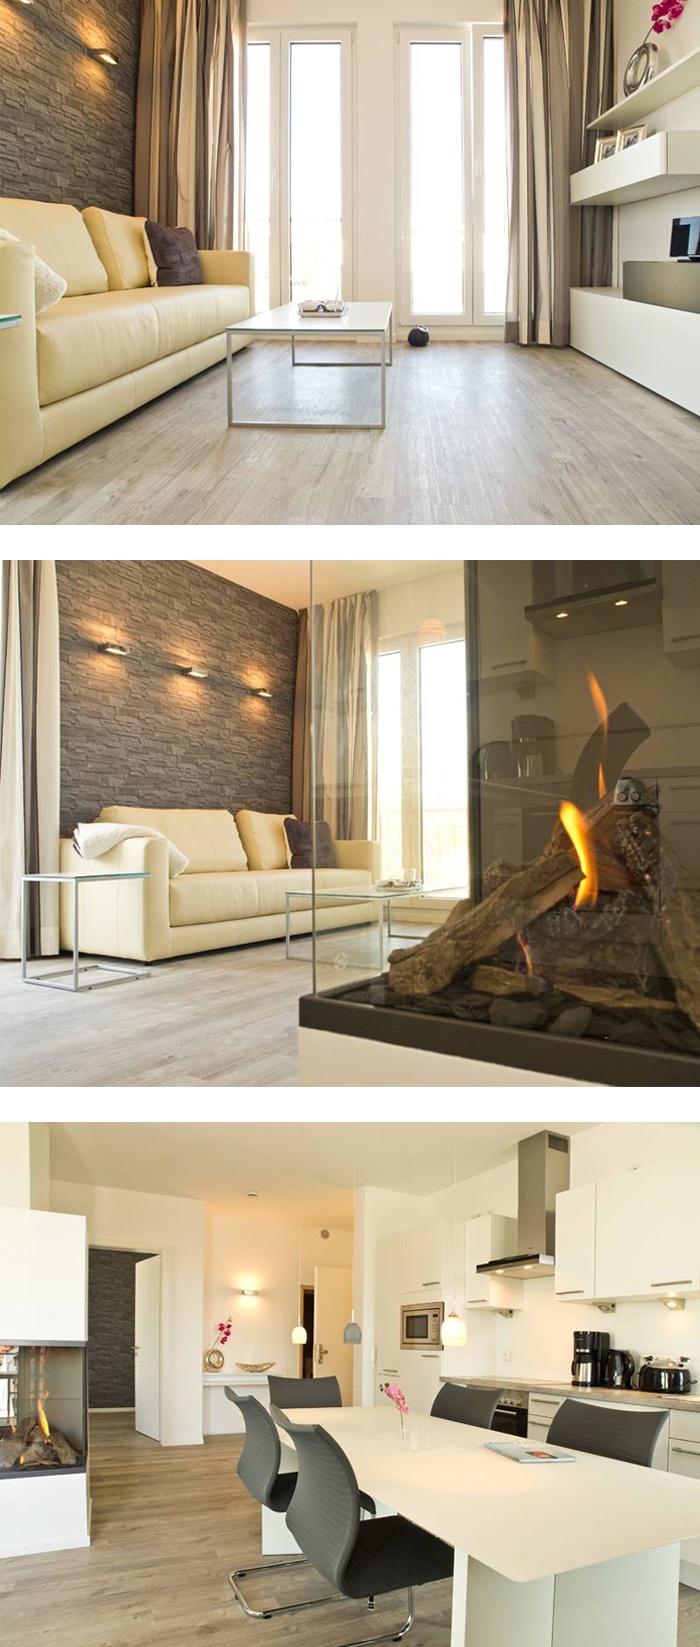 Unsere neueste Designer-Ferienwohnung steht im Dünenpalais Ahlbeck für euch bereit! Das großzügige Appartement für 2 Personen und ein Kleinkind hat viele tolle Extras - Sauna, Gaskamin und 2 Balkone. Mehr unter: http://usedomtravel.de/wohnung/duenenpalais19